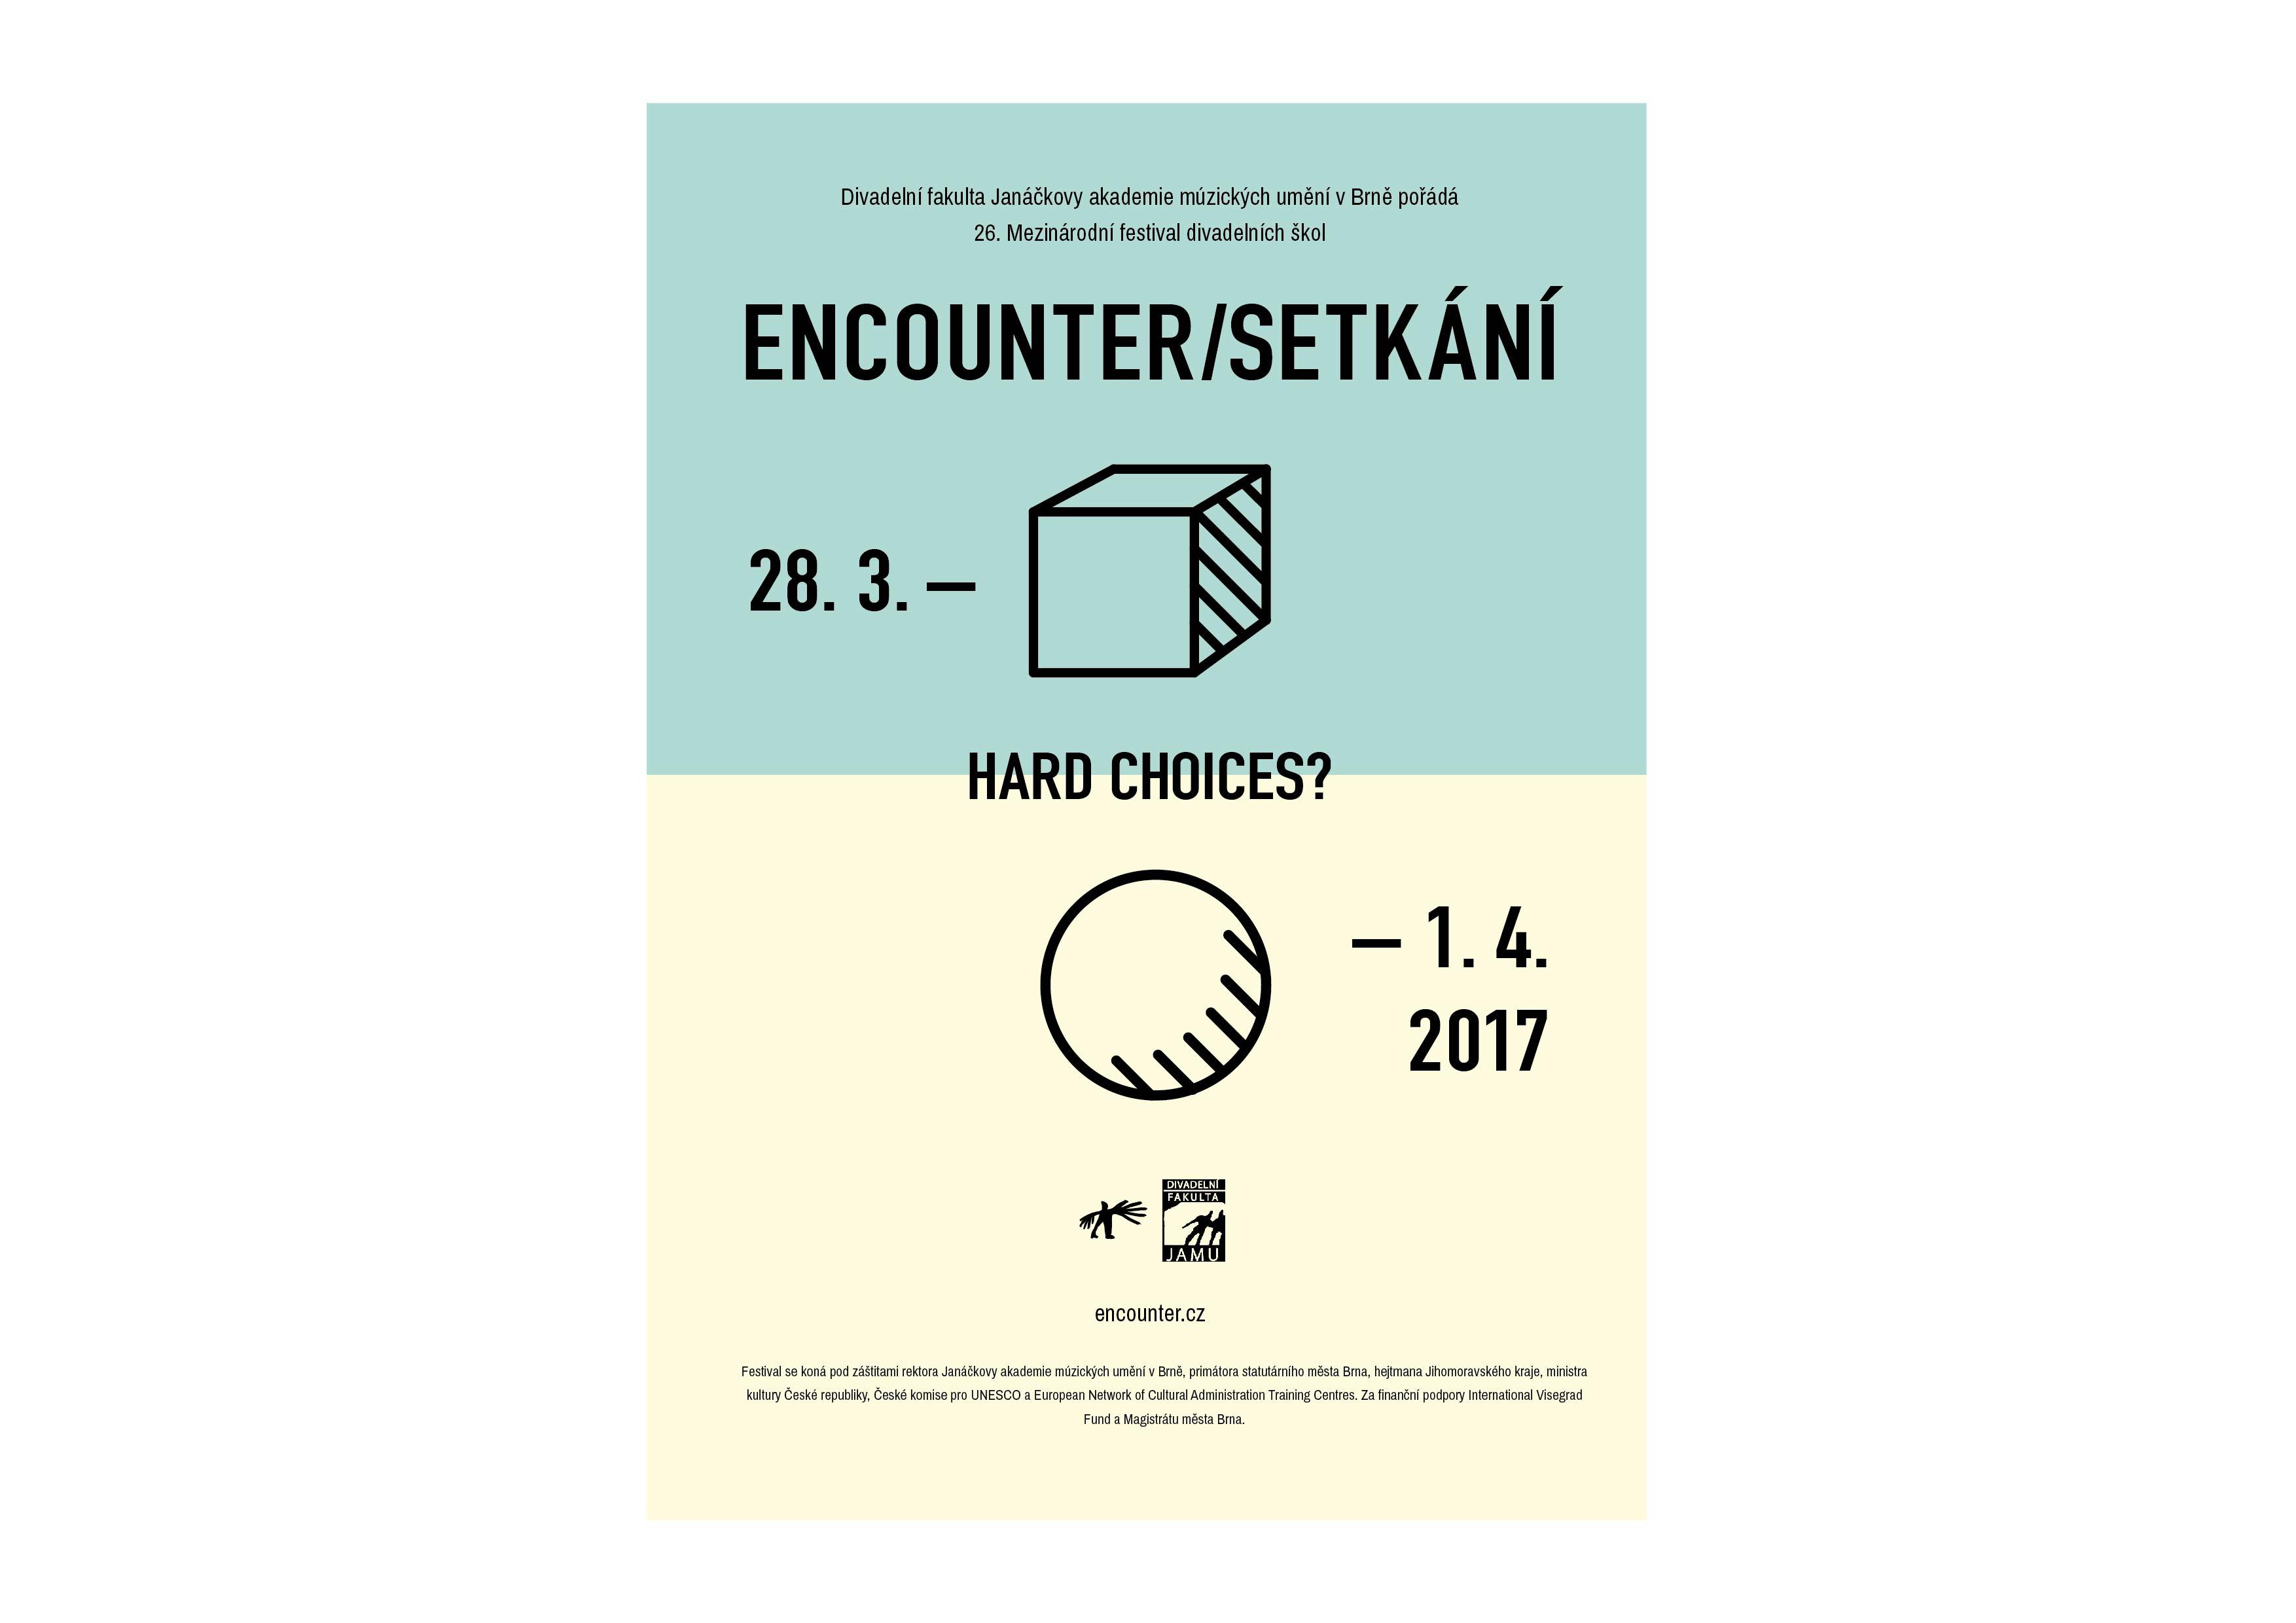 Digitální design FMK UTB - ENCOUNTER/SETKÁNÍ